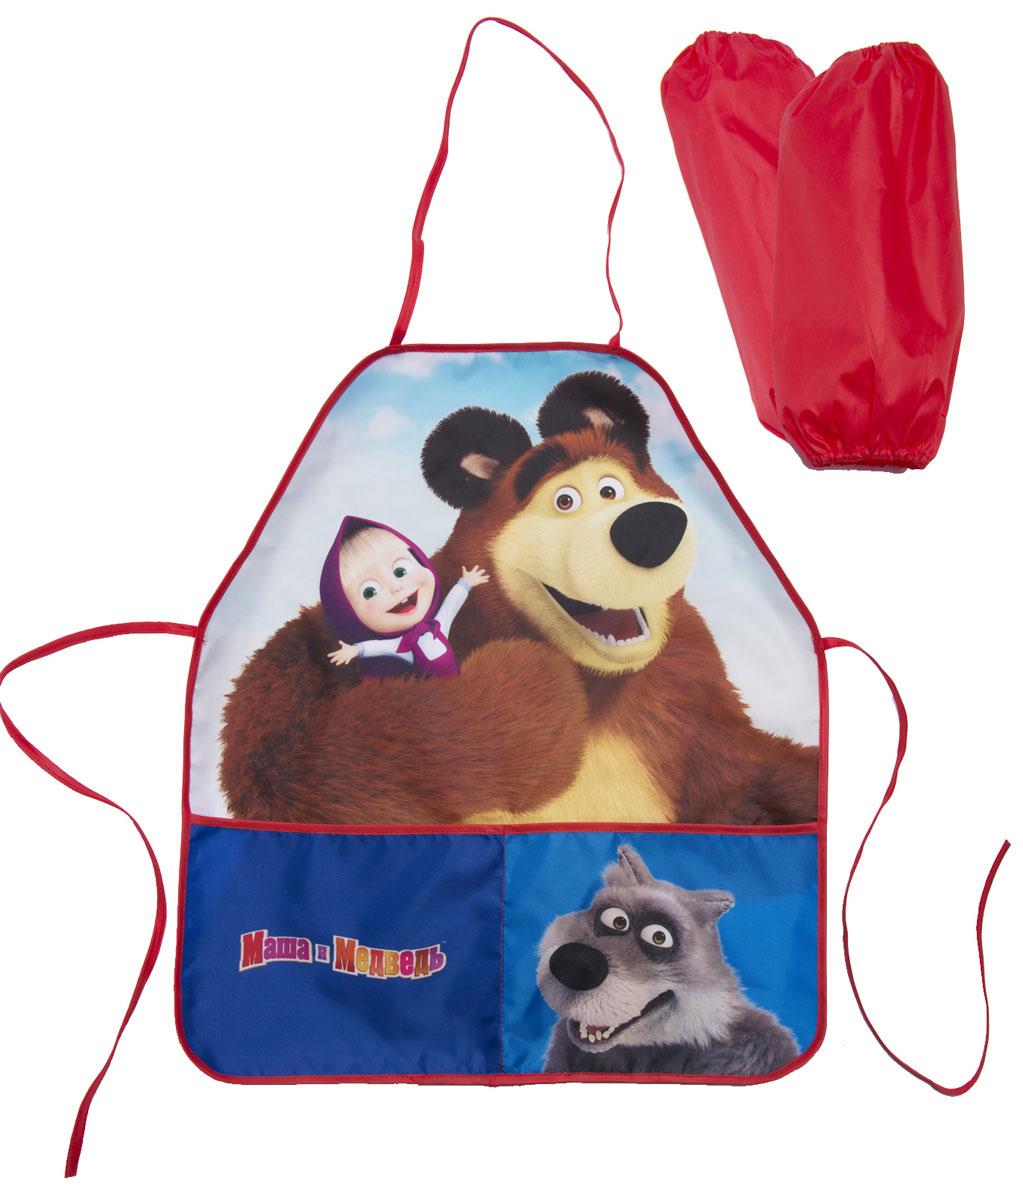 Маша и Медведь Фартук детский с нарукавниками цвет синий красный -  Аксессуары для труда